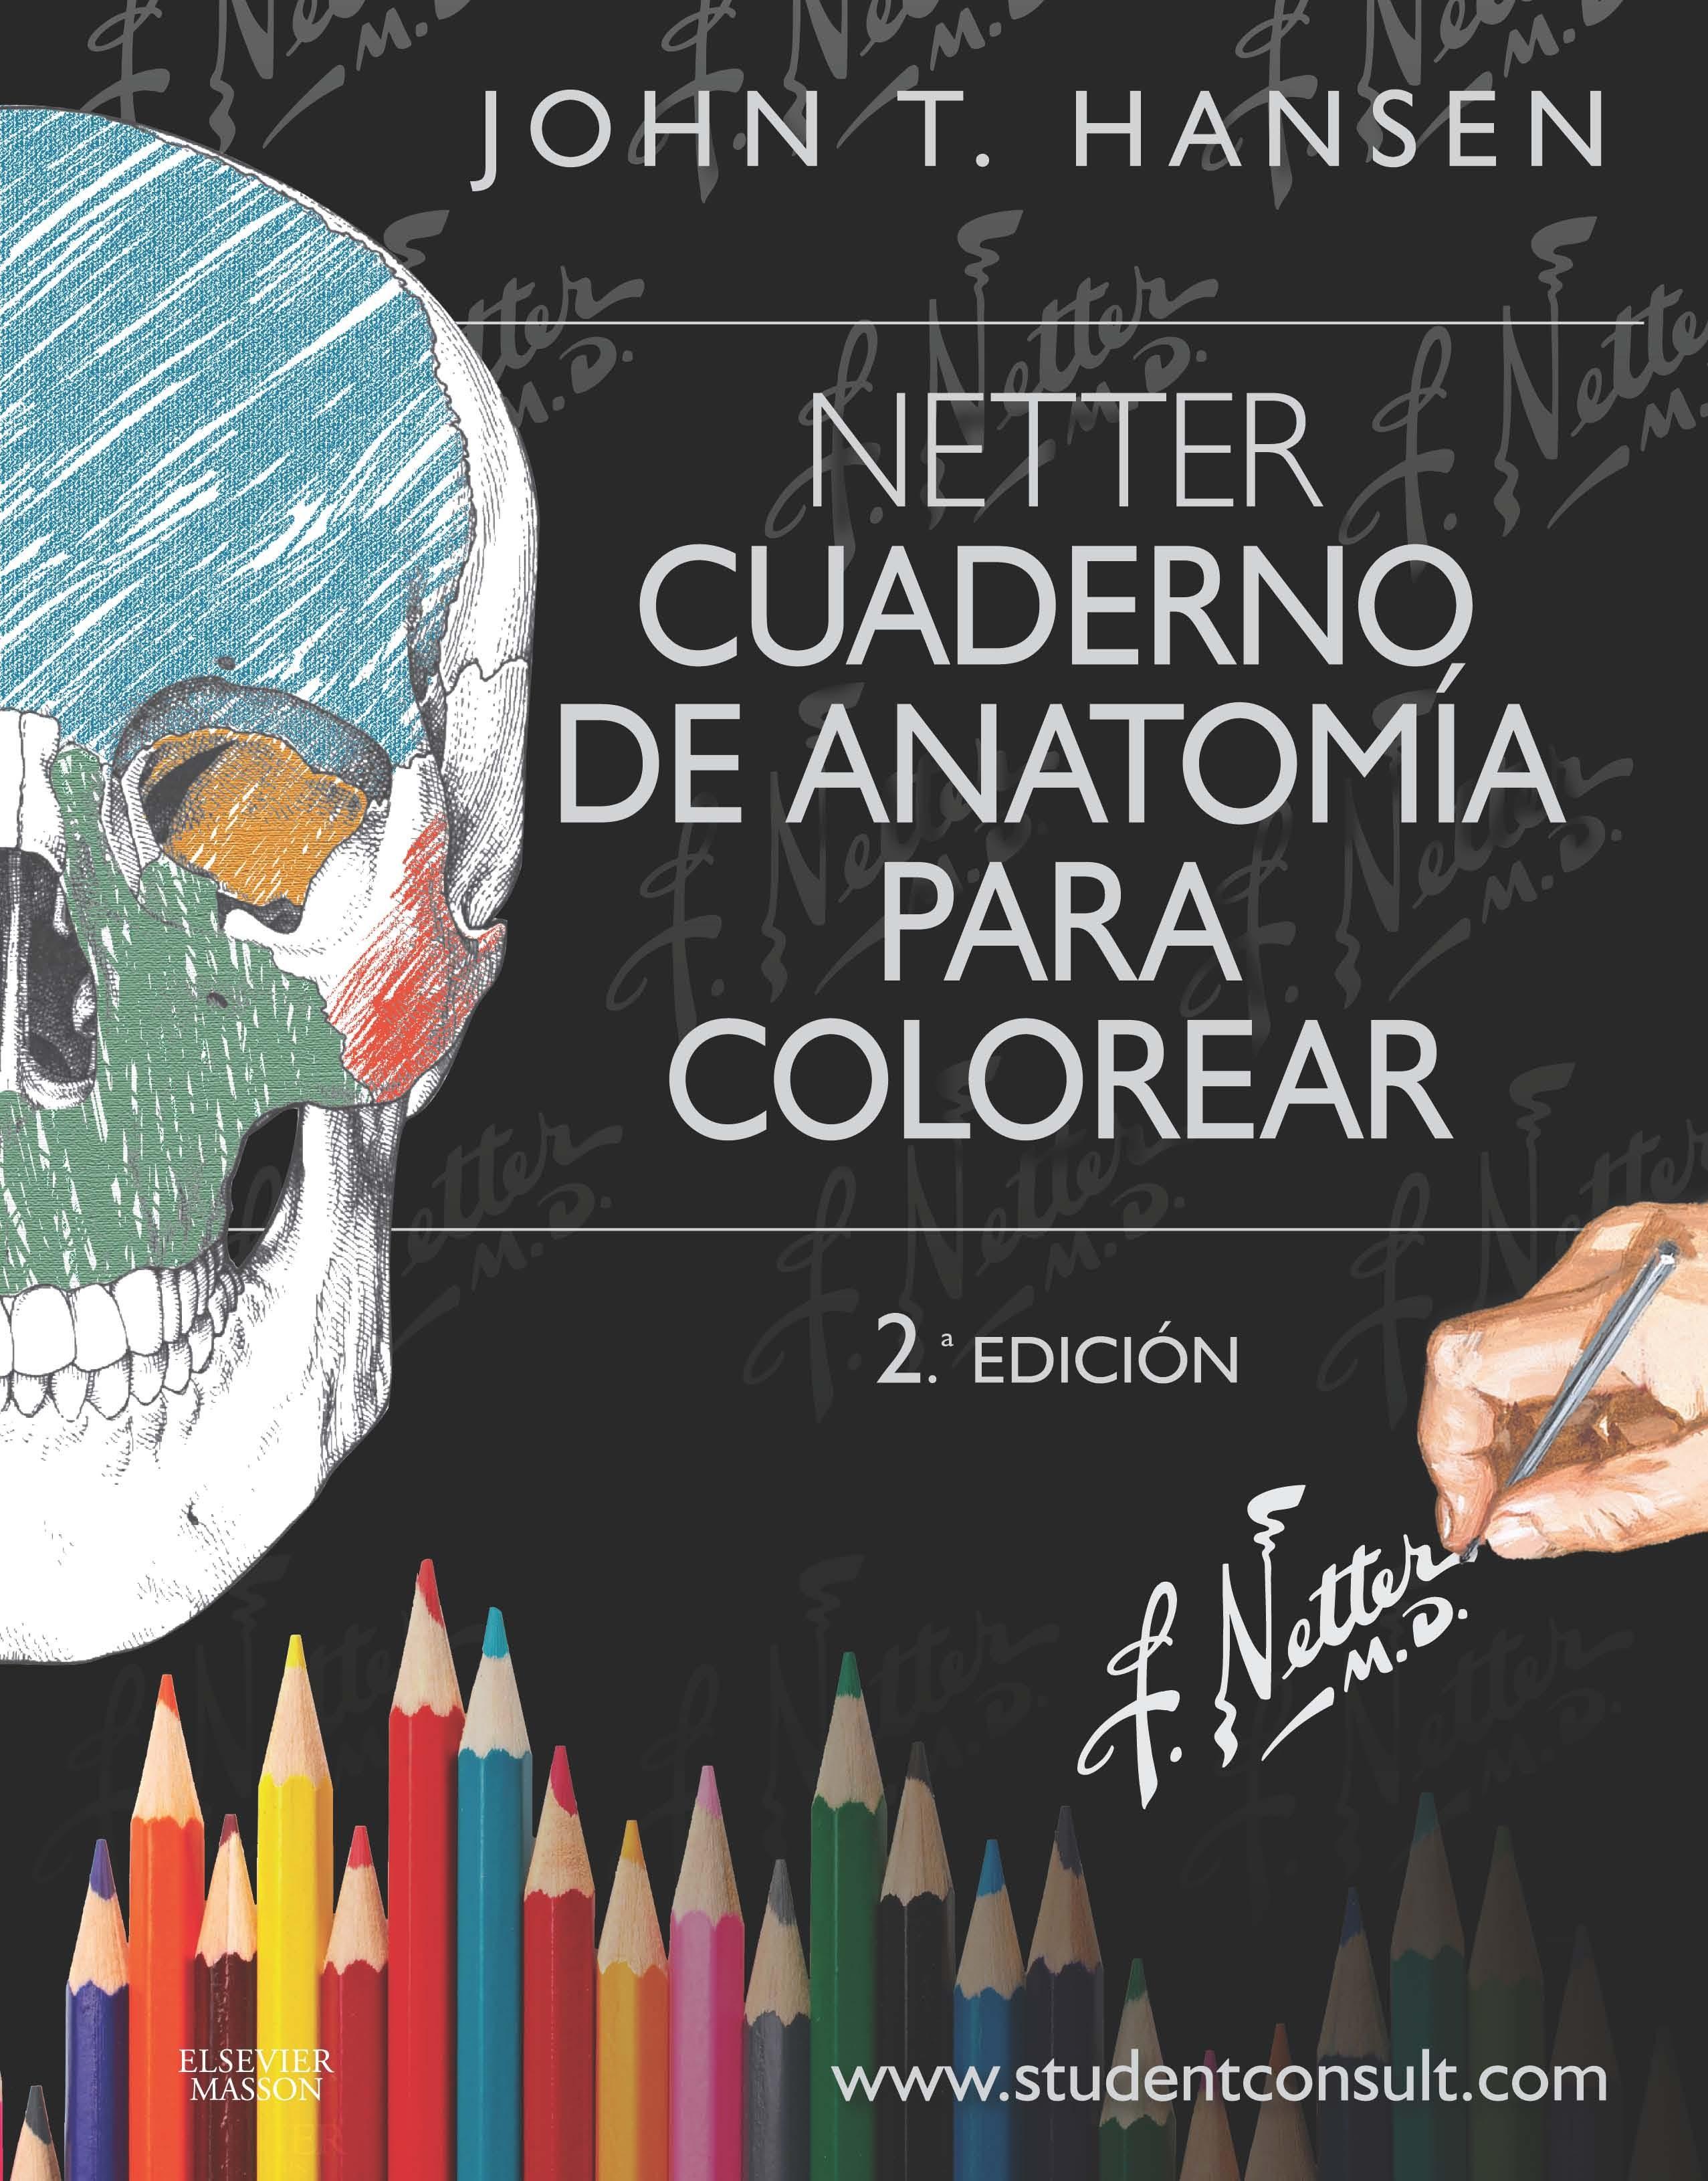 HANSEN, NETTER. CUADERNO DE ANATOMÍA PARA COLOREAR (2ª ED